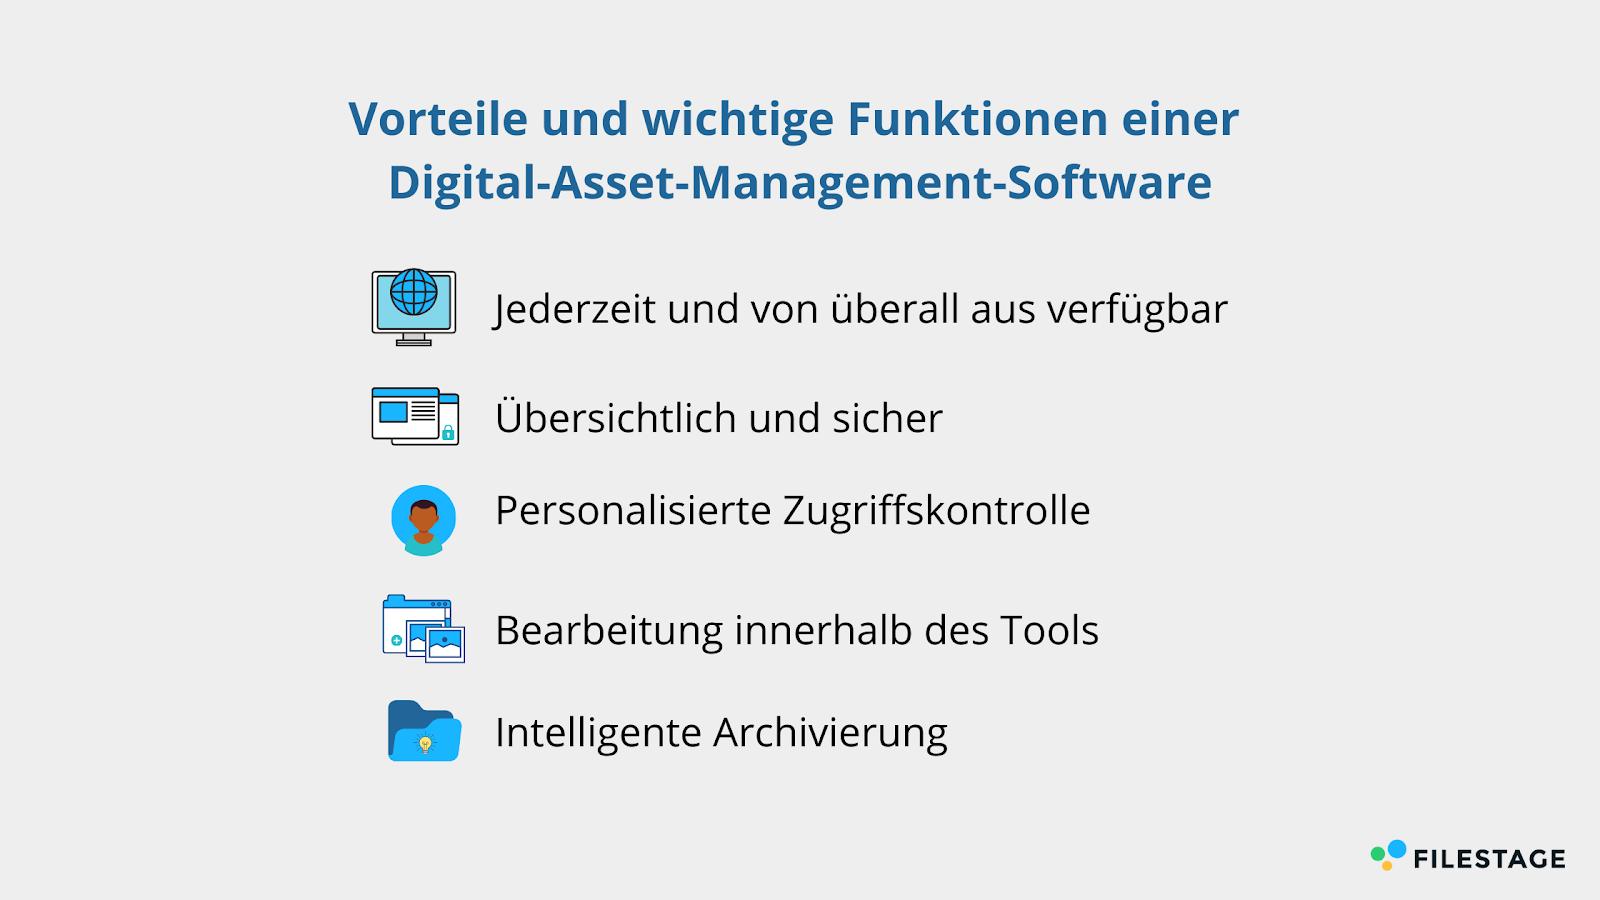 Vorteile und wichtige Funktionen einer DAM-Software